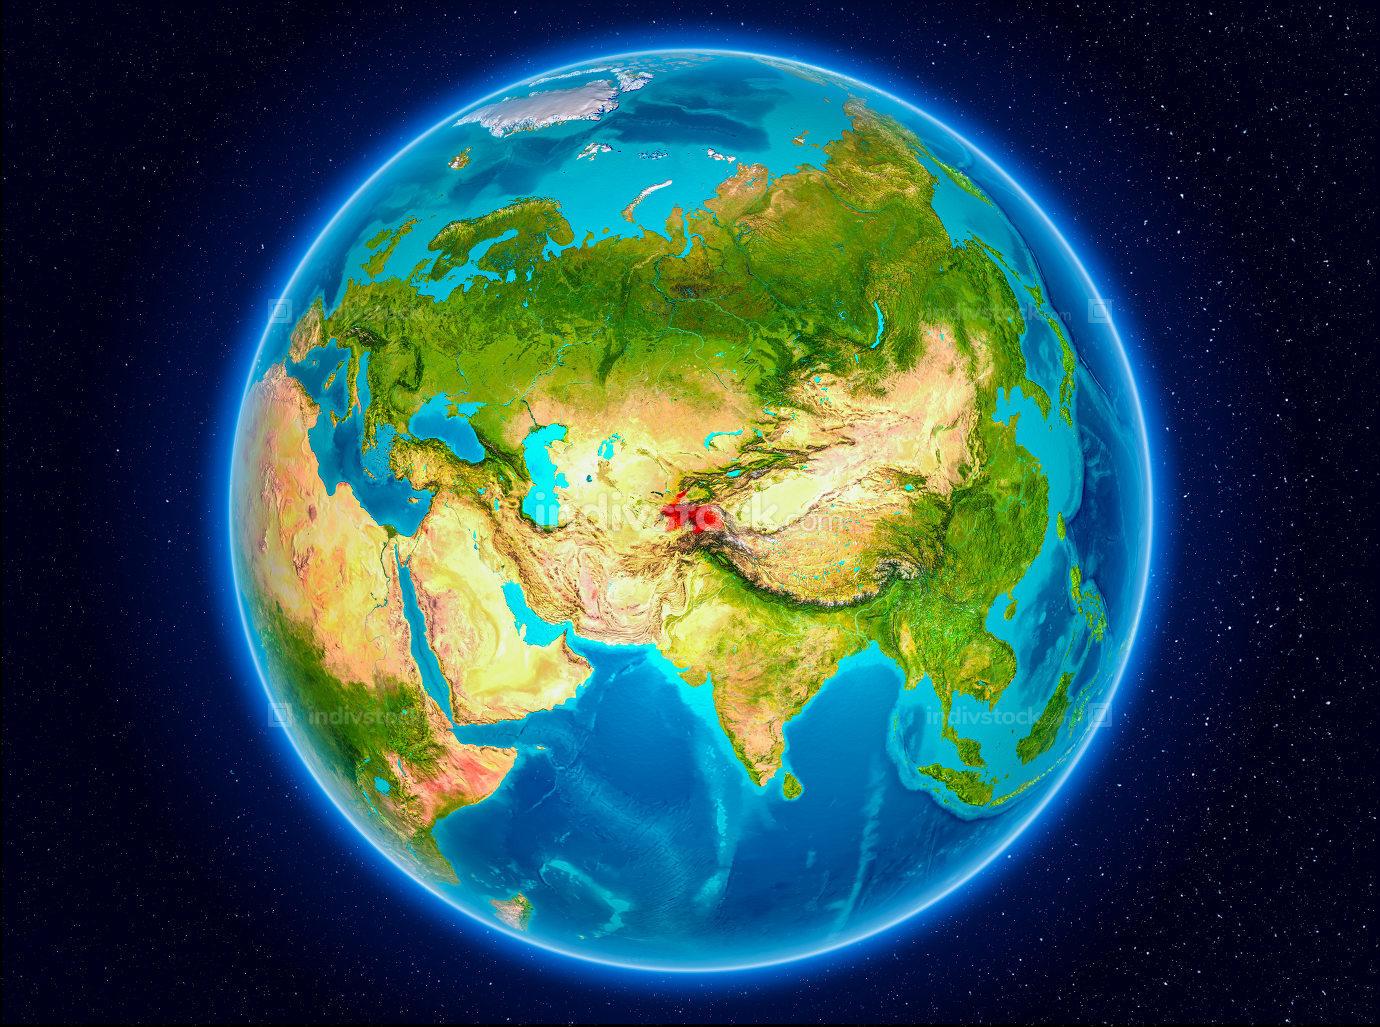 Tajikistan on Earth